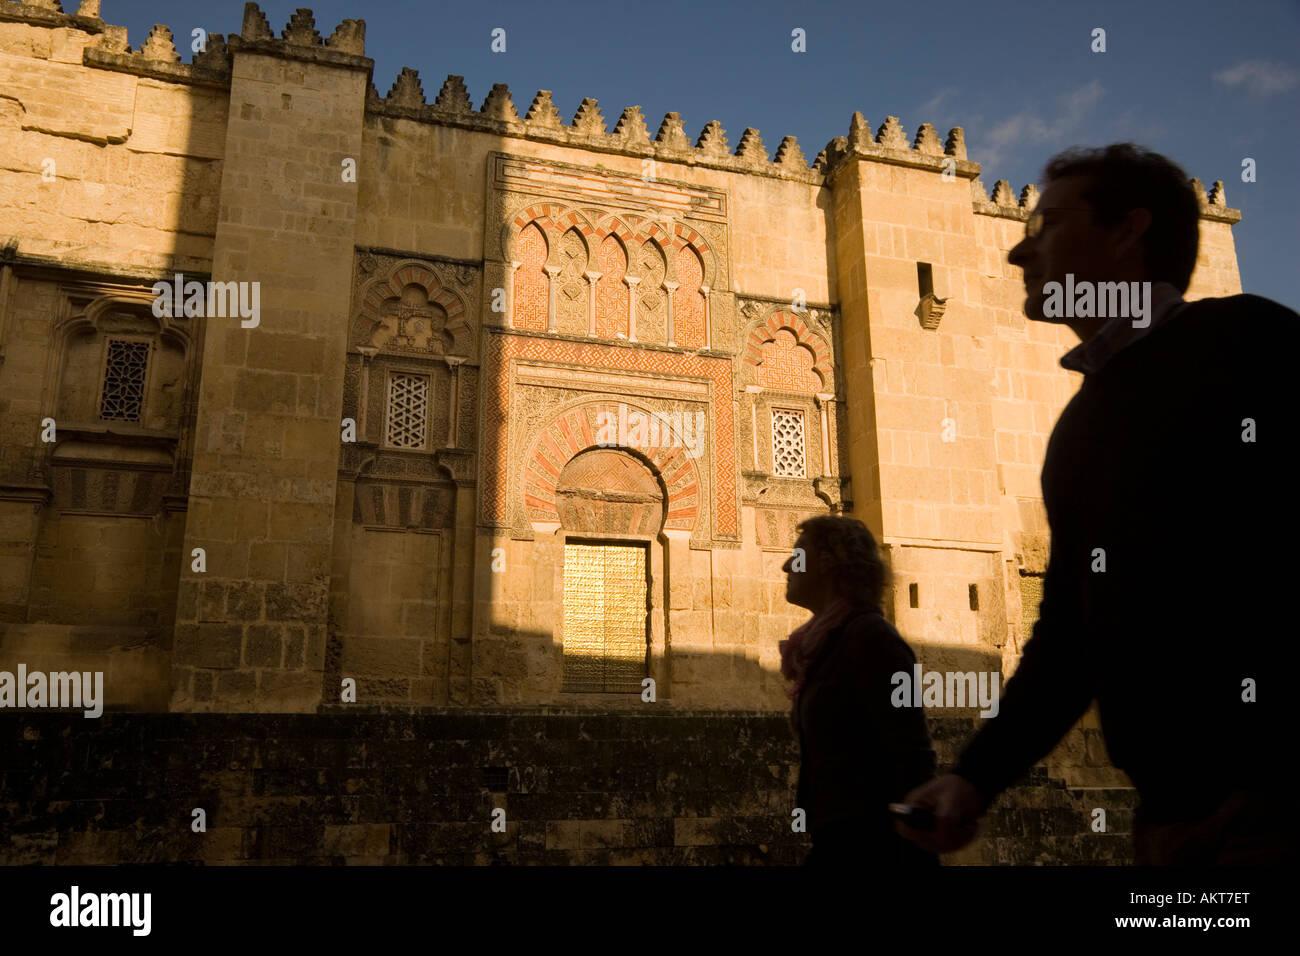 Cordoba in provincia di Cordoba Spagna turista giovane passando dalla parete ovest di La Mezquita la grande moschea Immagini Stock